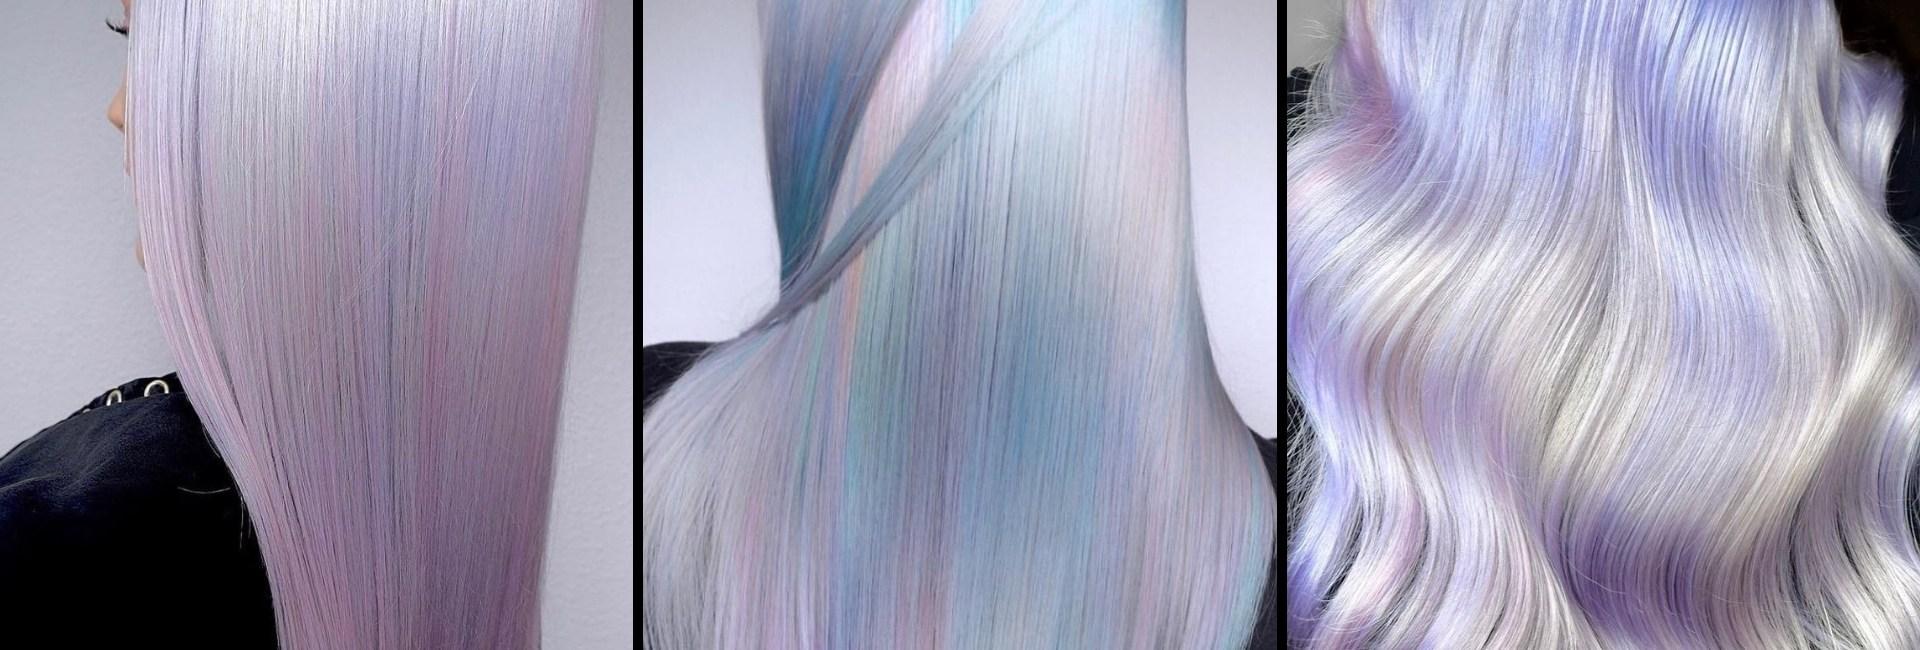 Trois exemples de chevelures avec une coloration d'inspiration holographique